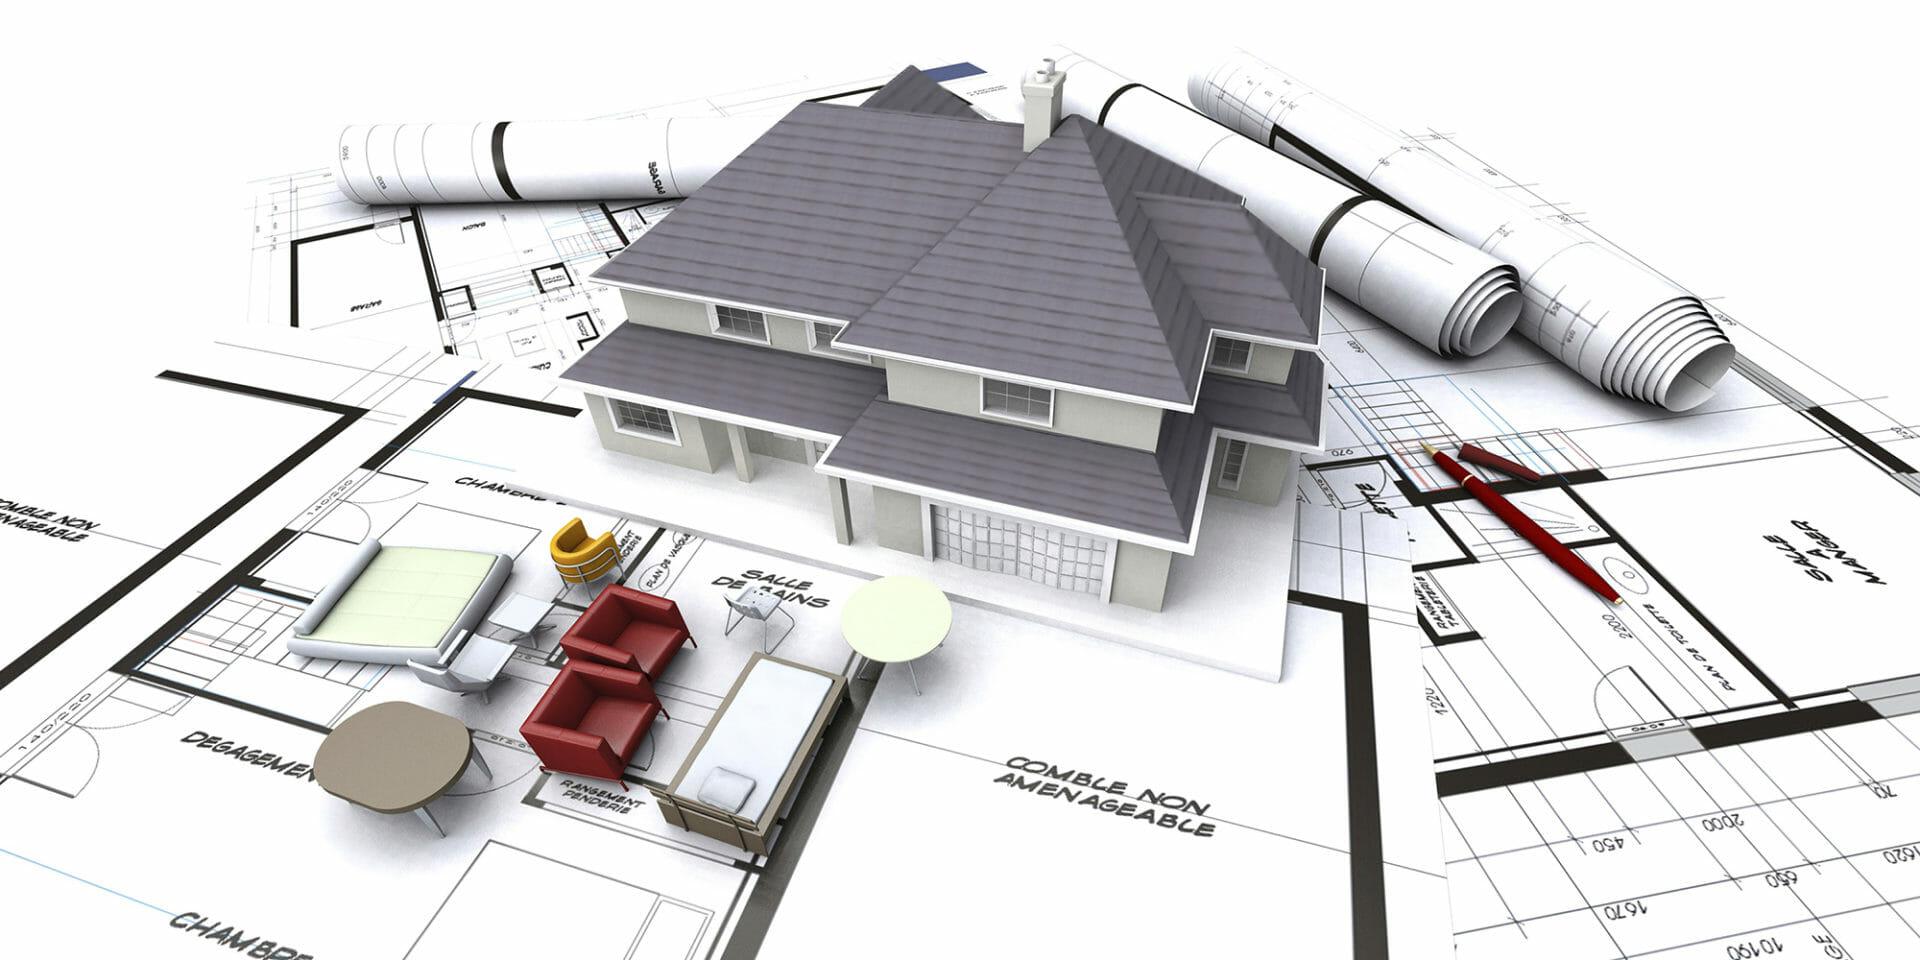 Planungsskizze für den Neubau eines Hauses